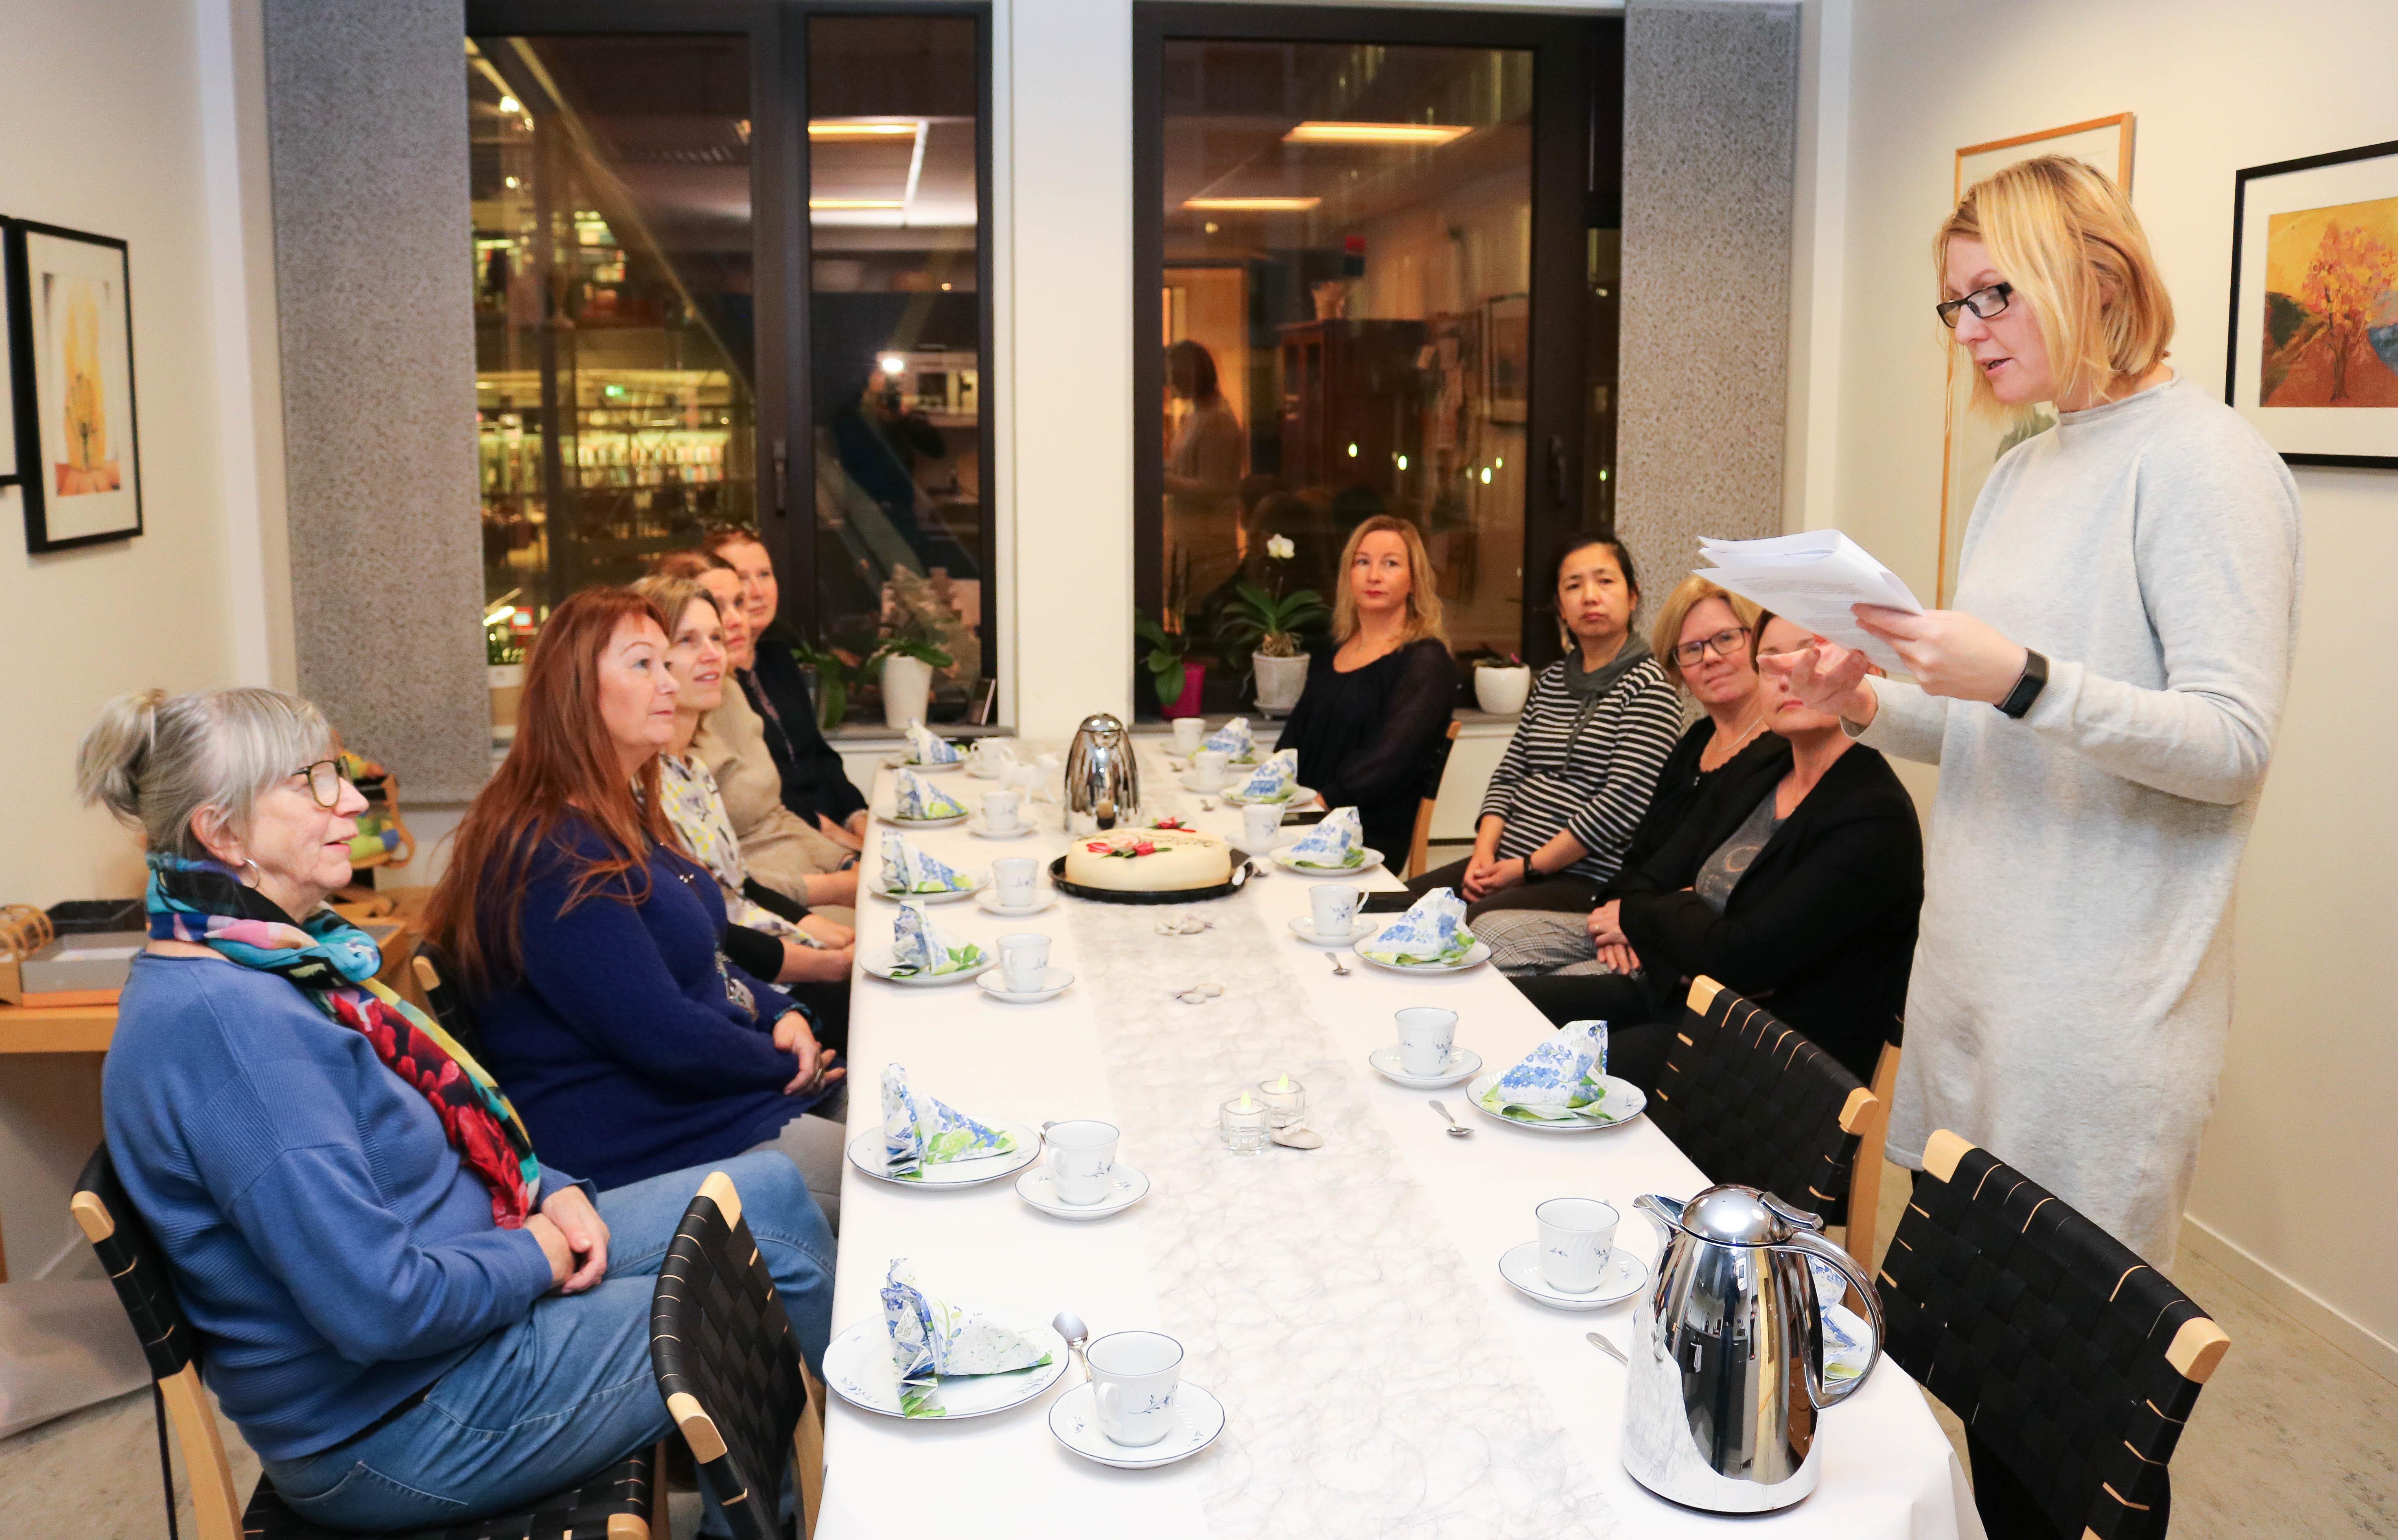 10 kvinner er samlet på et pauserom til kaffe og marsipankake, i anledning lanseringen av en ny prosjektrapport. Deres leder står oppreist til venstre og takker prosjektdeltakerne for vel utført arbeid.